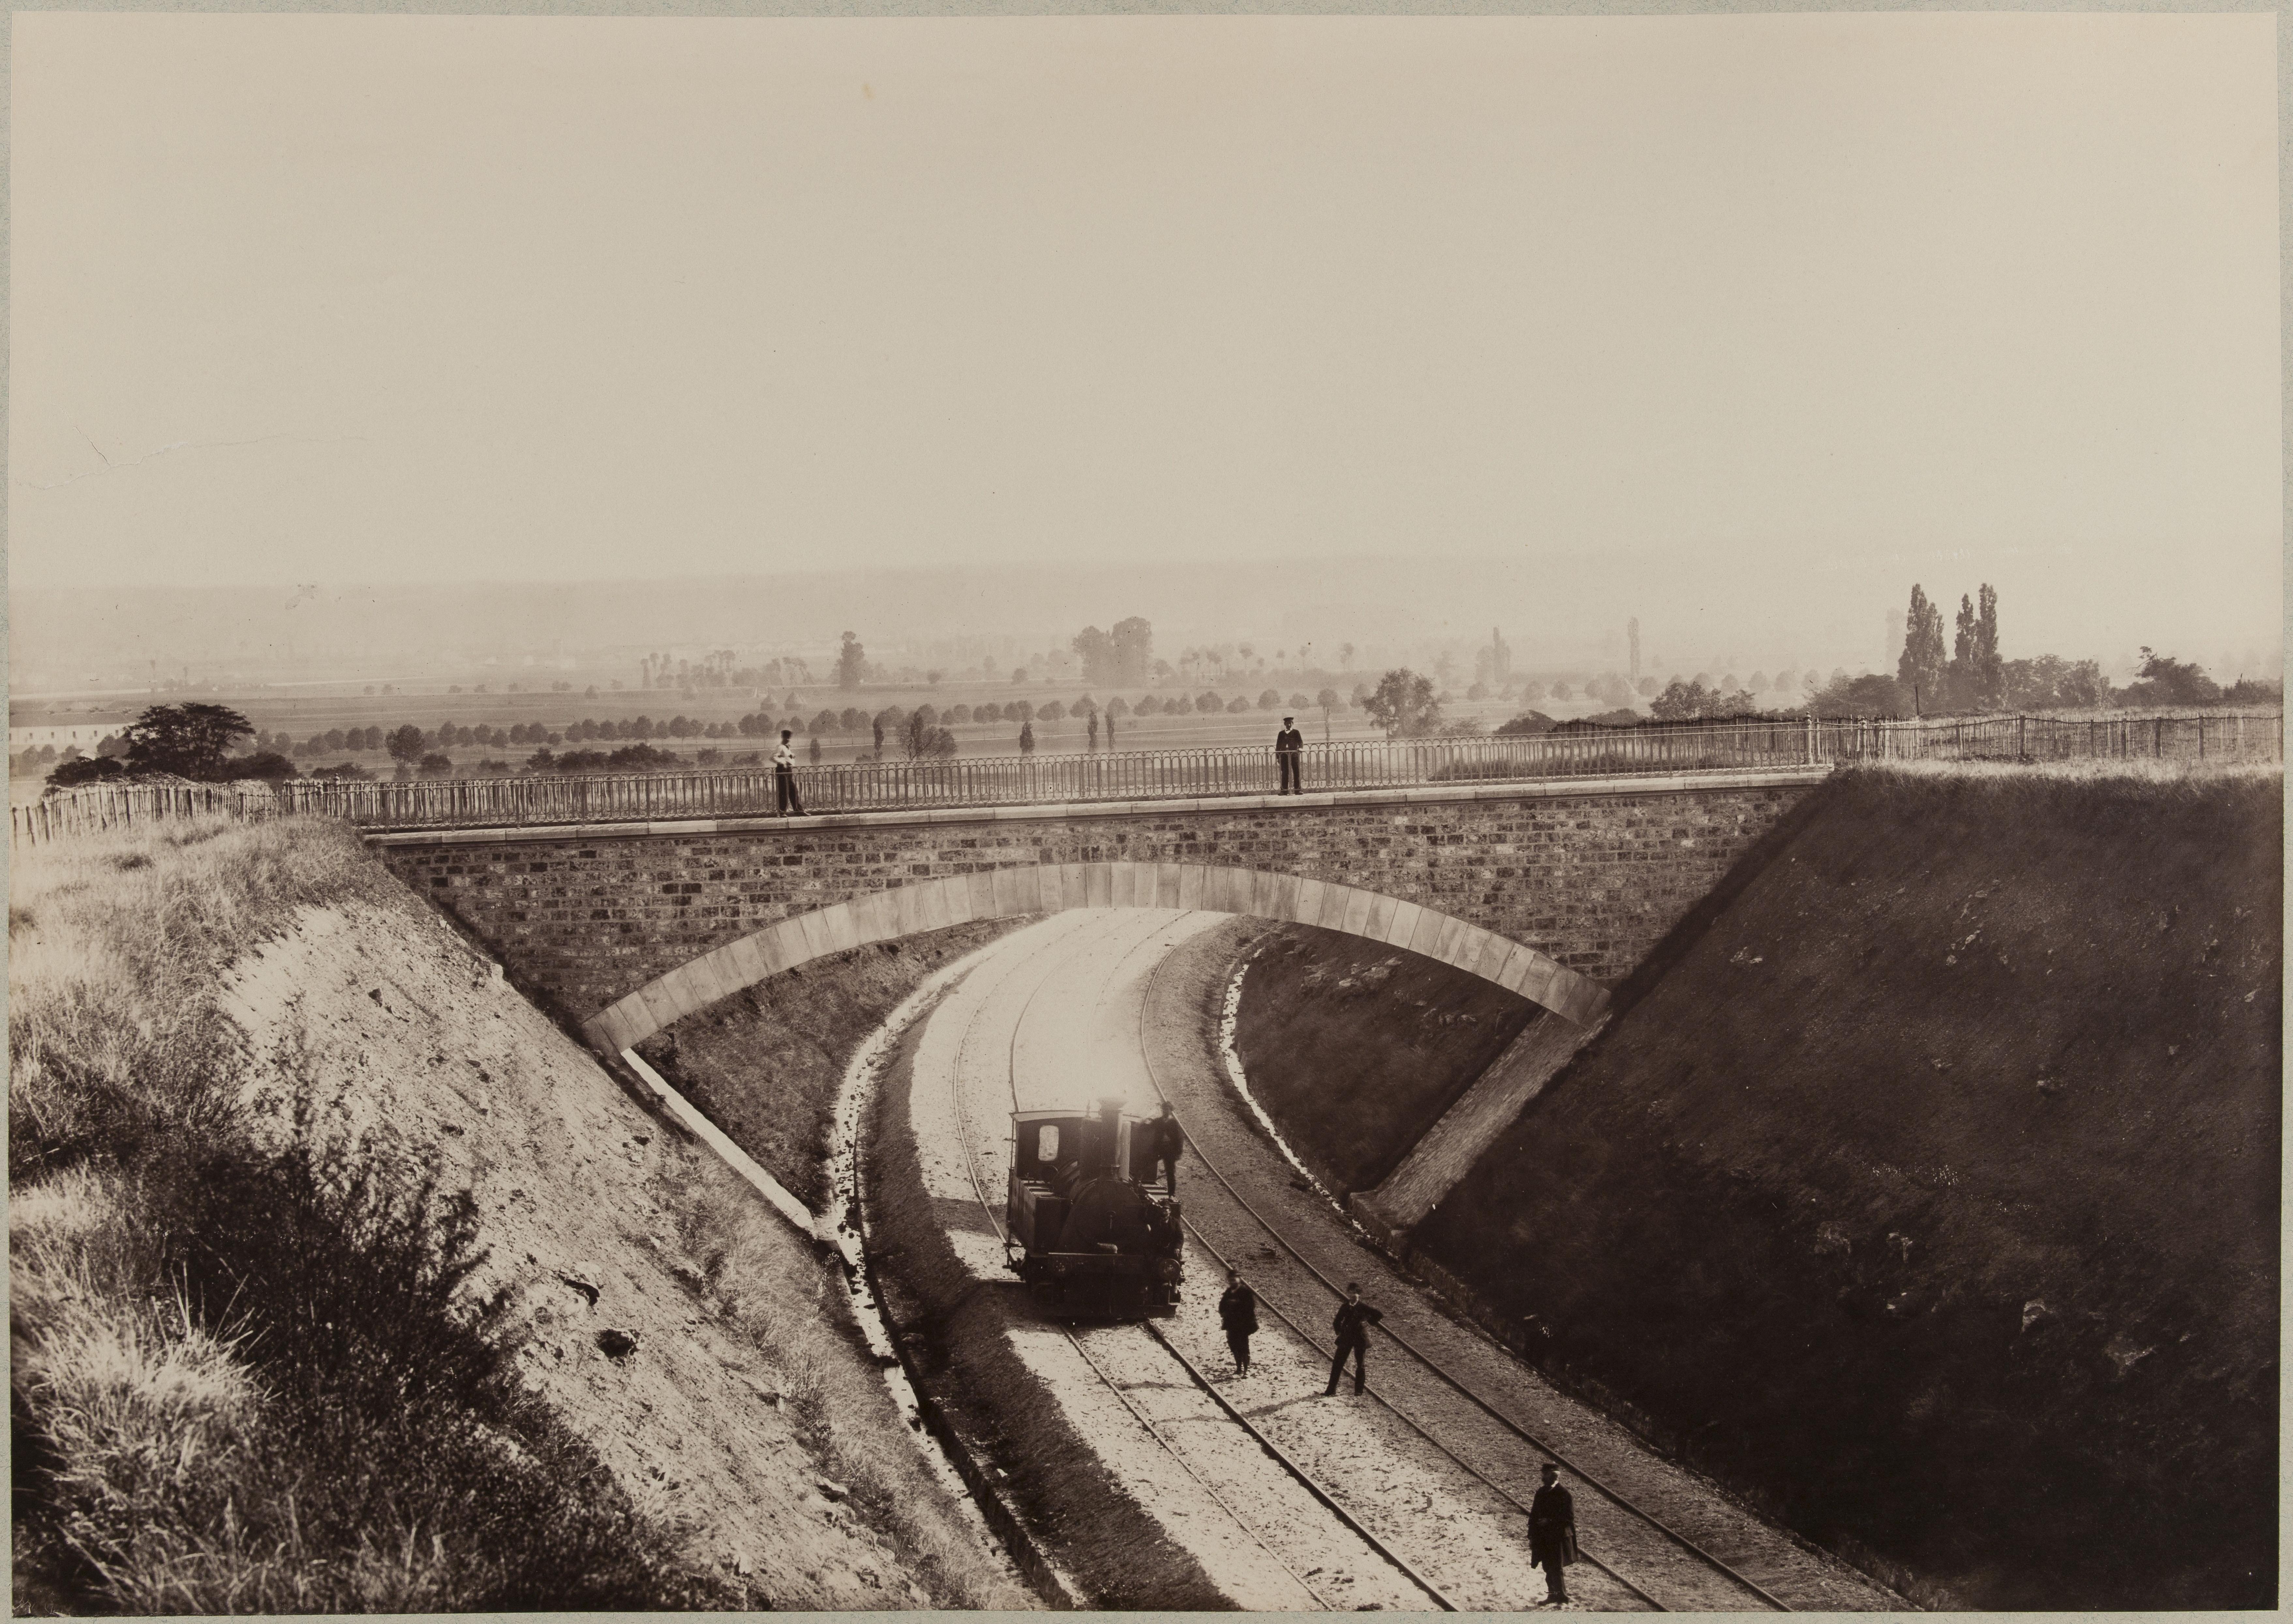 Нижний путепровод между Виссу и Монжан